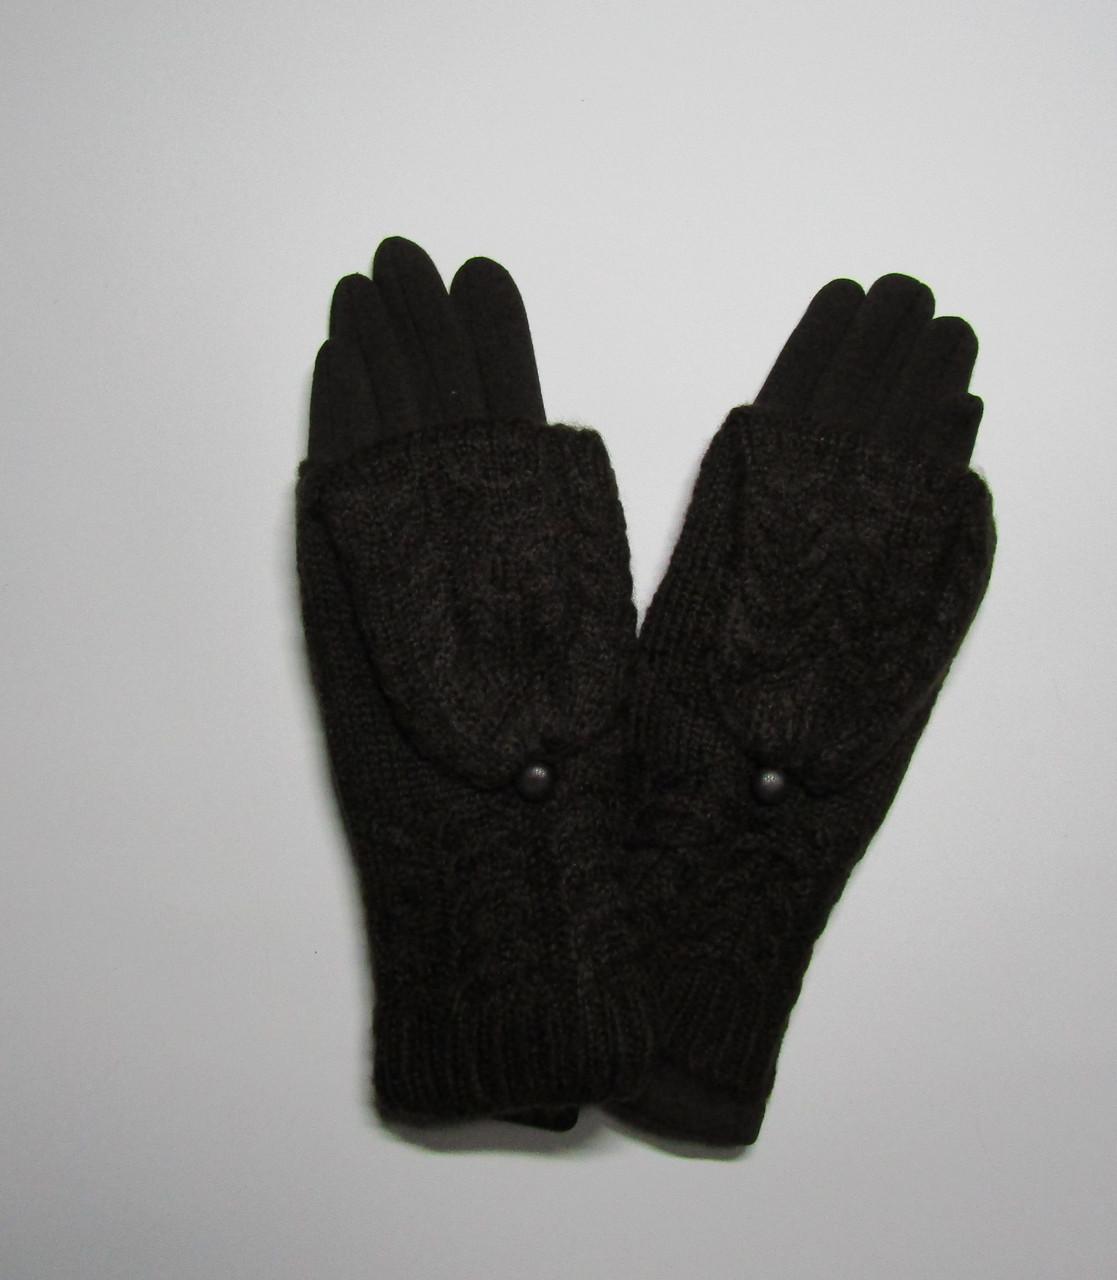 Зимние женские перчатки + митенки Темно-коричневый